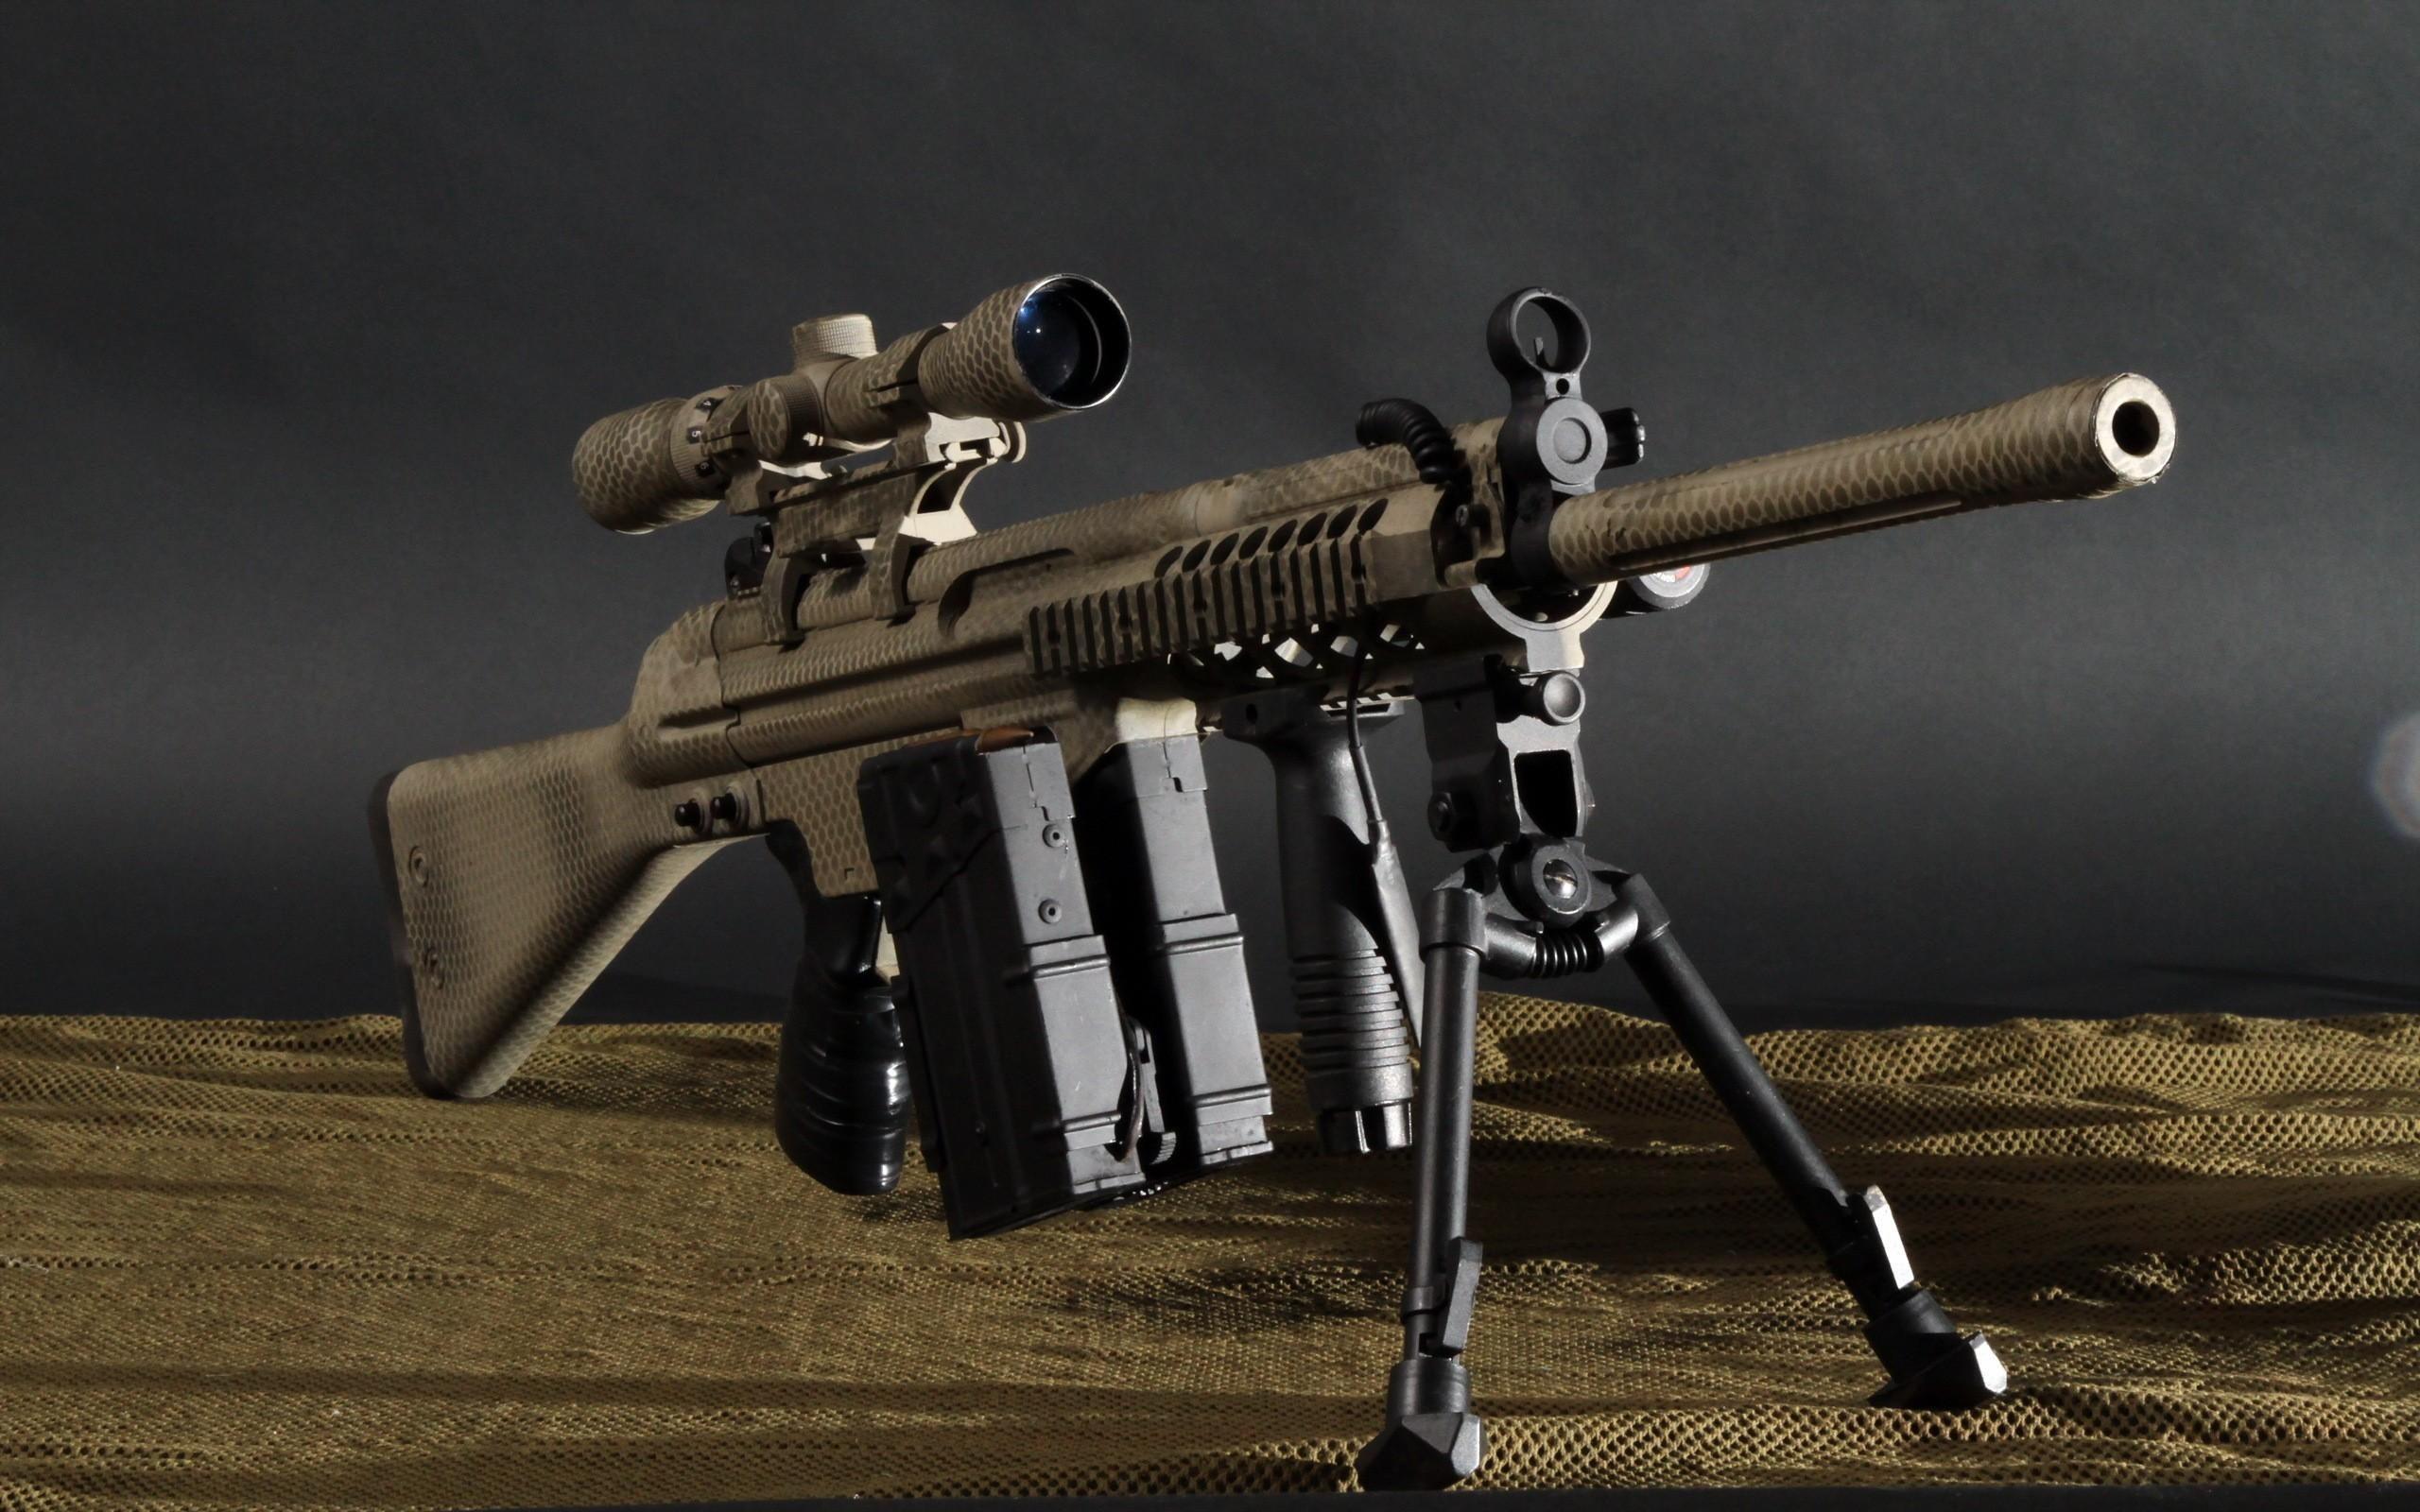 Wallpaper Weapon Soldier Sniper Rifle Marksman Machine